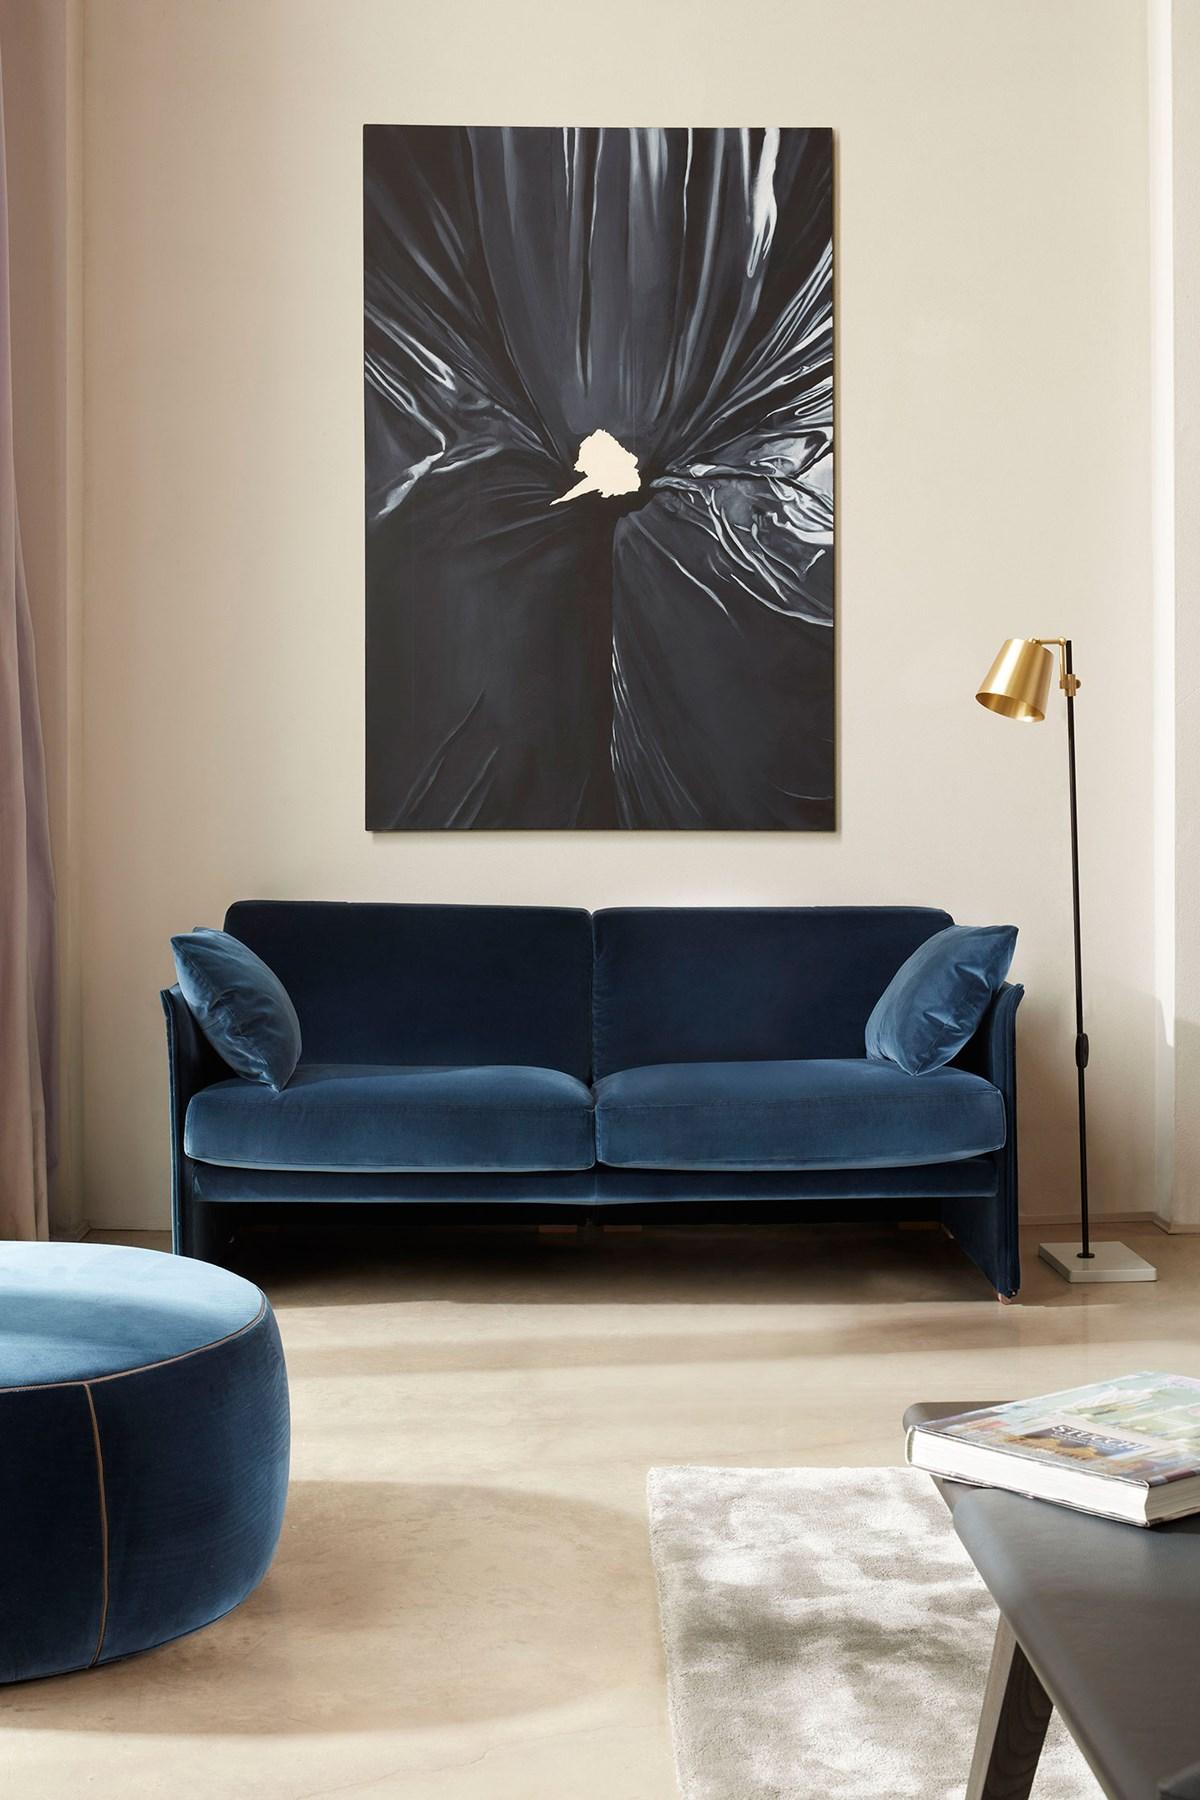 Cassina-Mario-Bellini-DUC-DUC-Sofa-Matisse-4